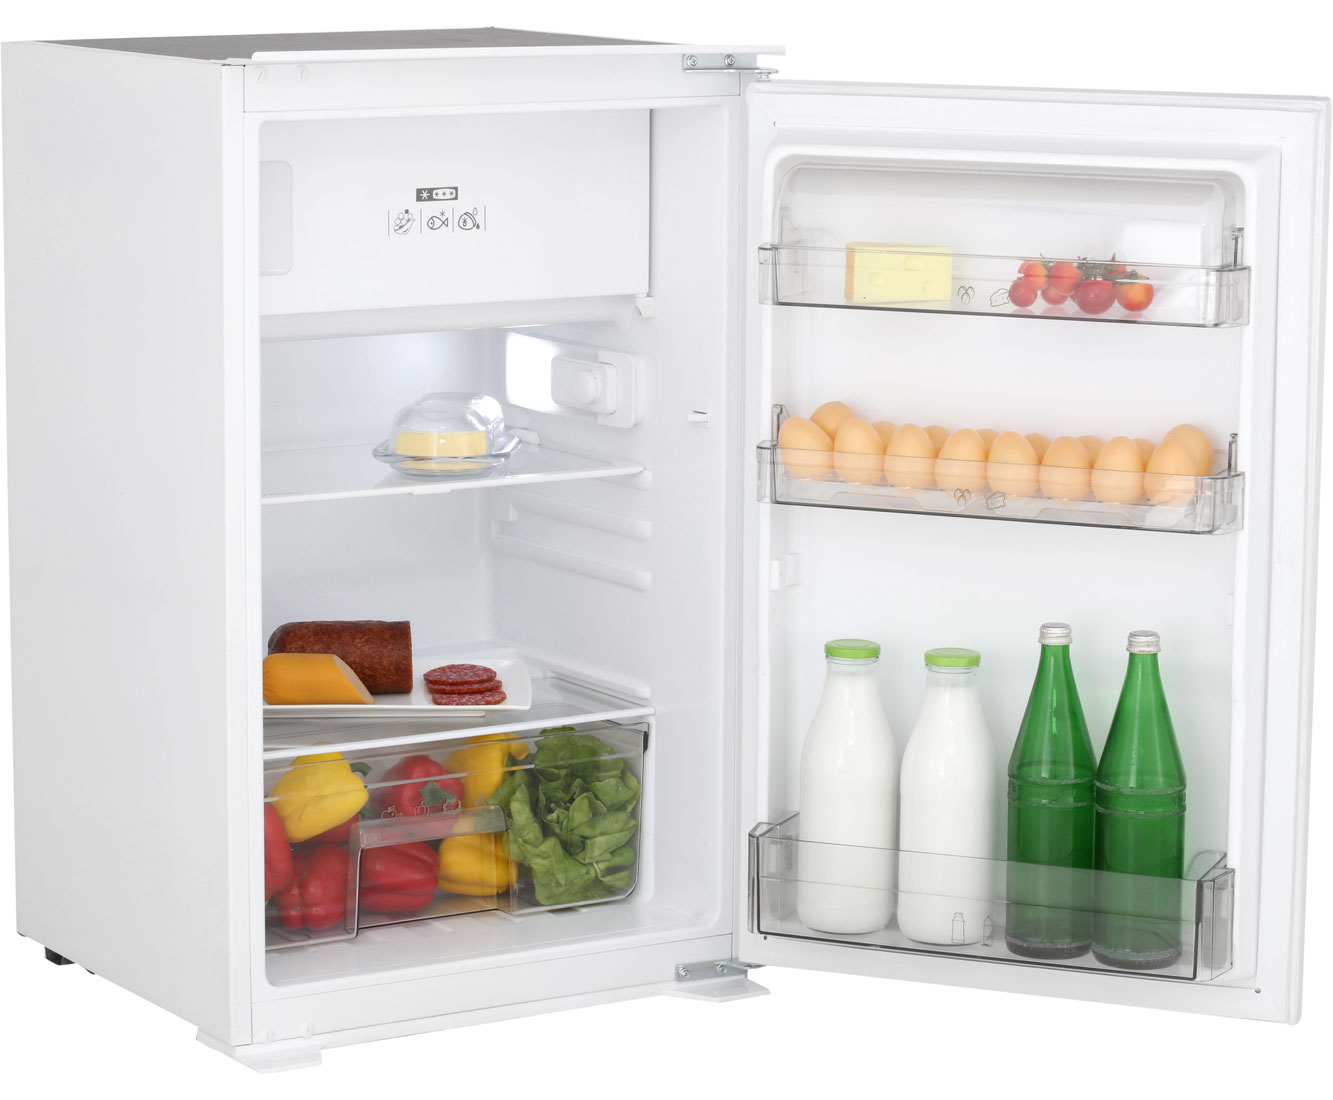 Exquisit Retro Kühlschrank : Exquisit eks a einbau kühlschrank mit gefrierfach er